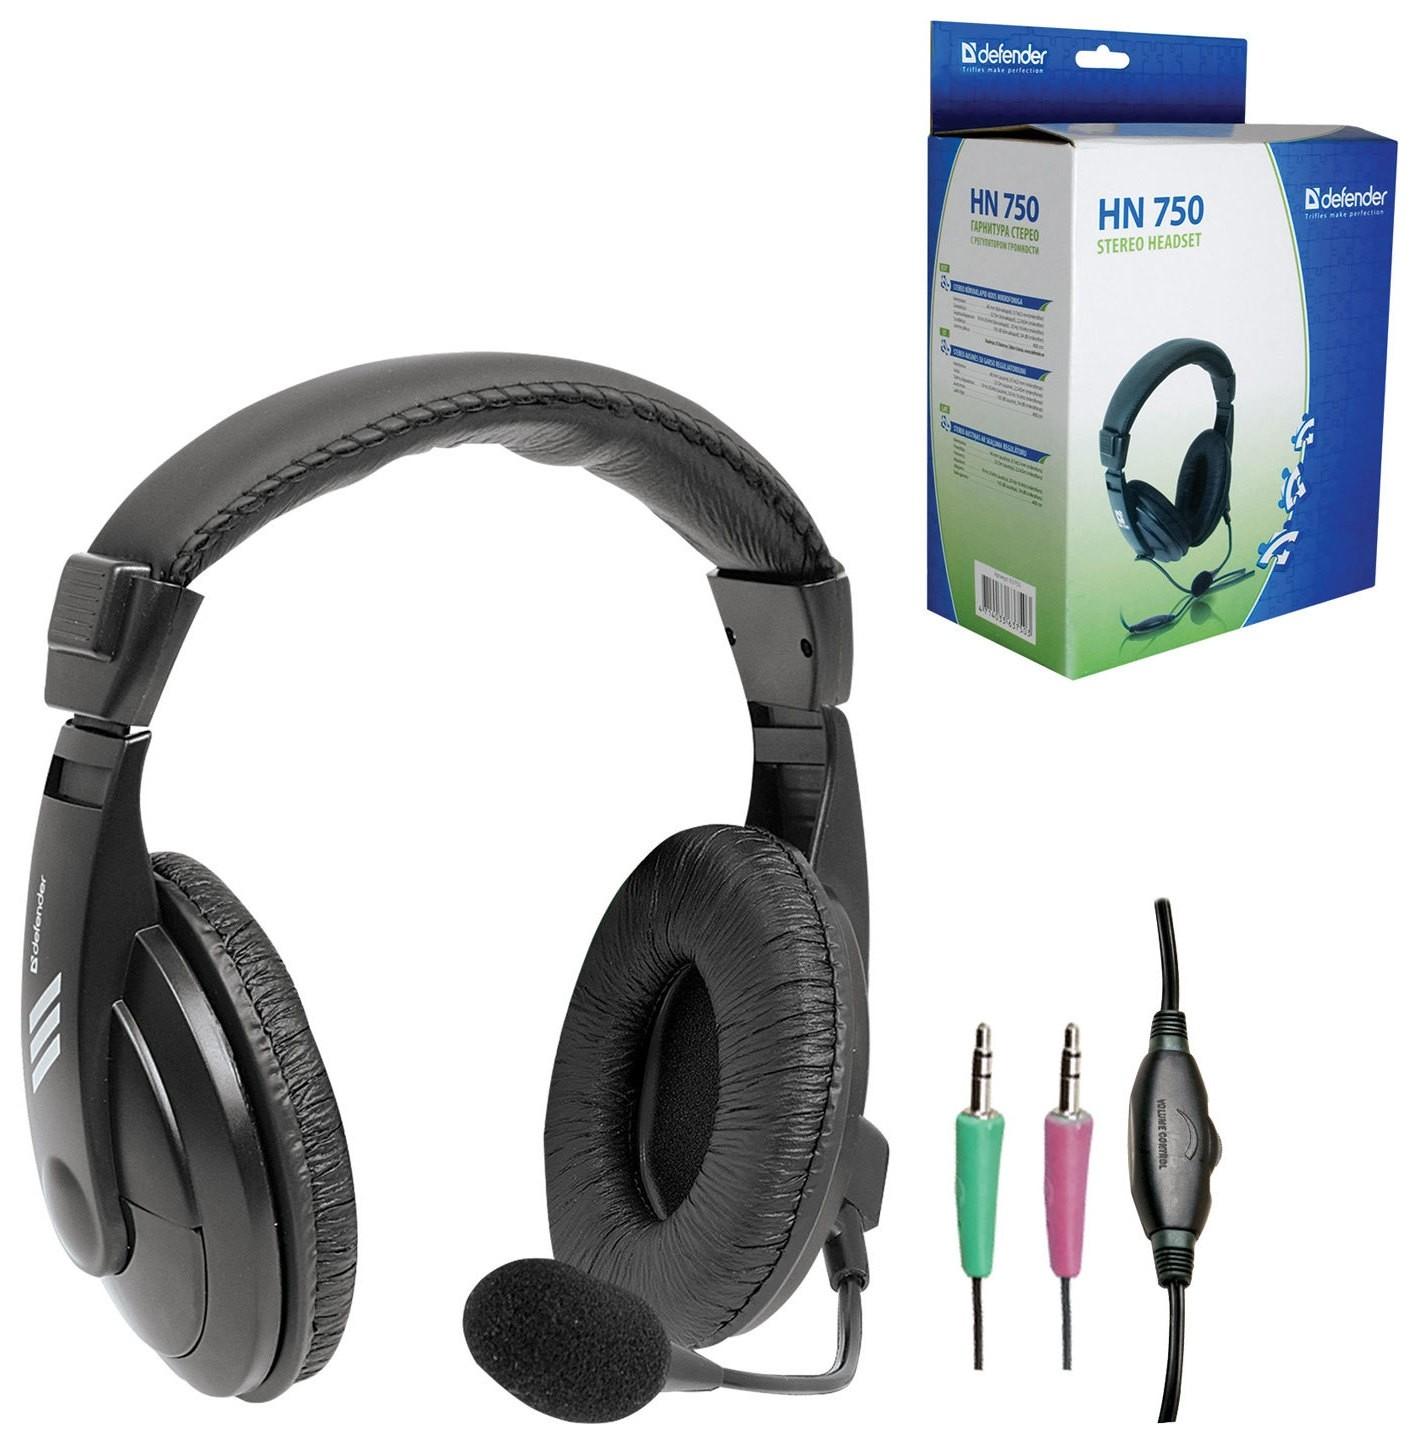 Наушники с микрофоном (Гарнитура) Defender Hn-750, проводная, 2 м, стерео с оголовьем, регулятор громкости, 63750  Defender